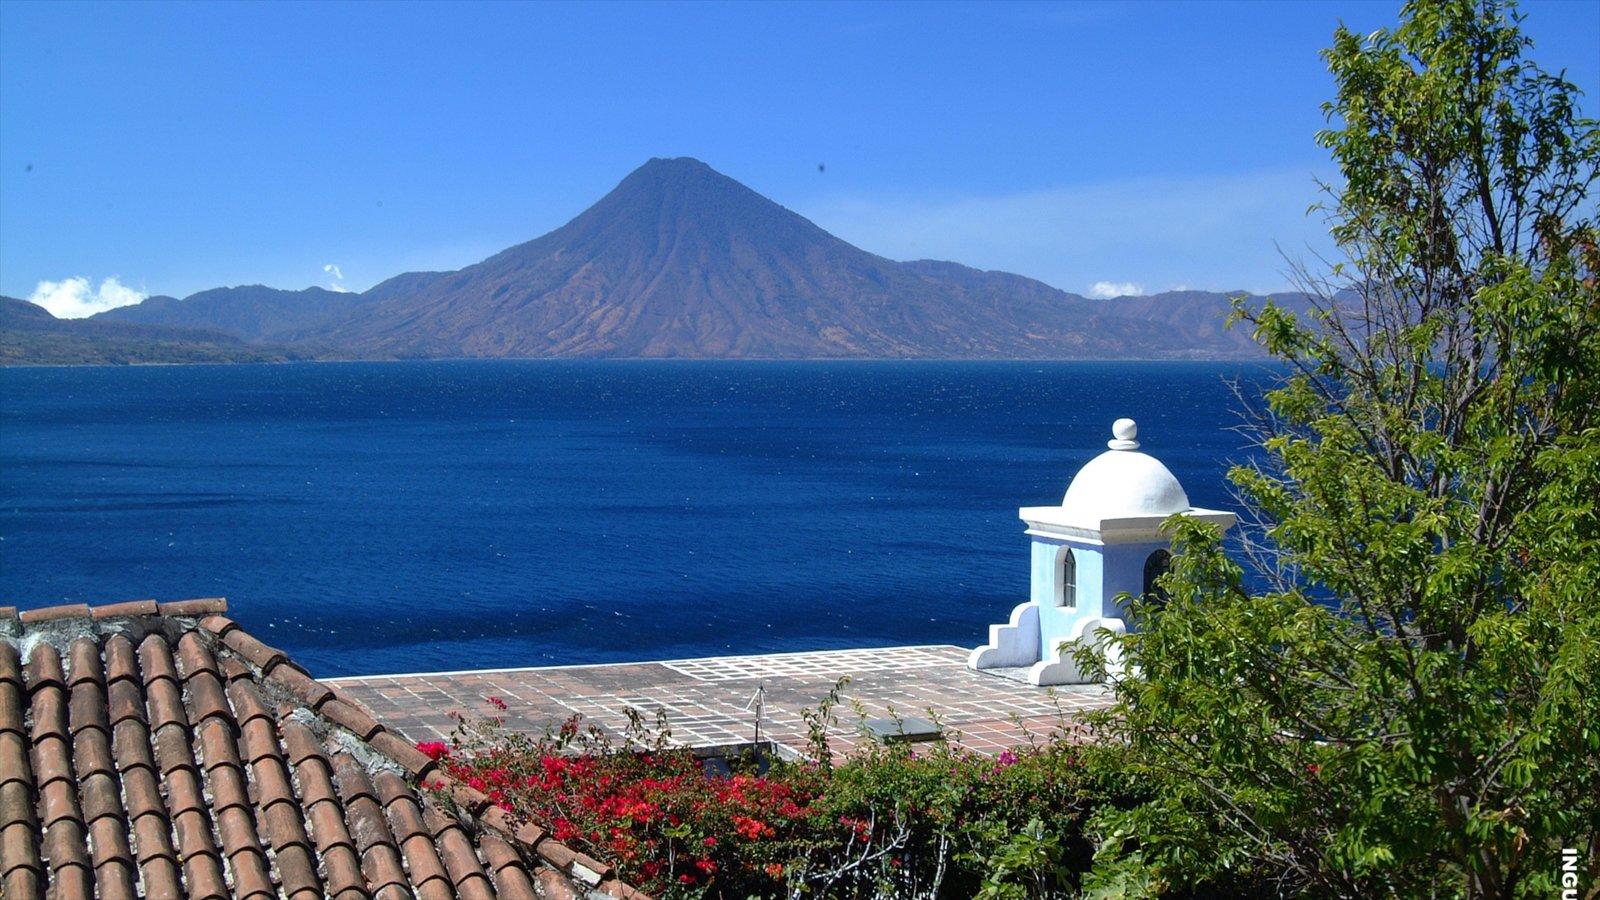 Lago de Atitlán mostrando montañas, vistas de paisajes y un lago o abrevadero